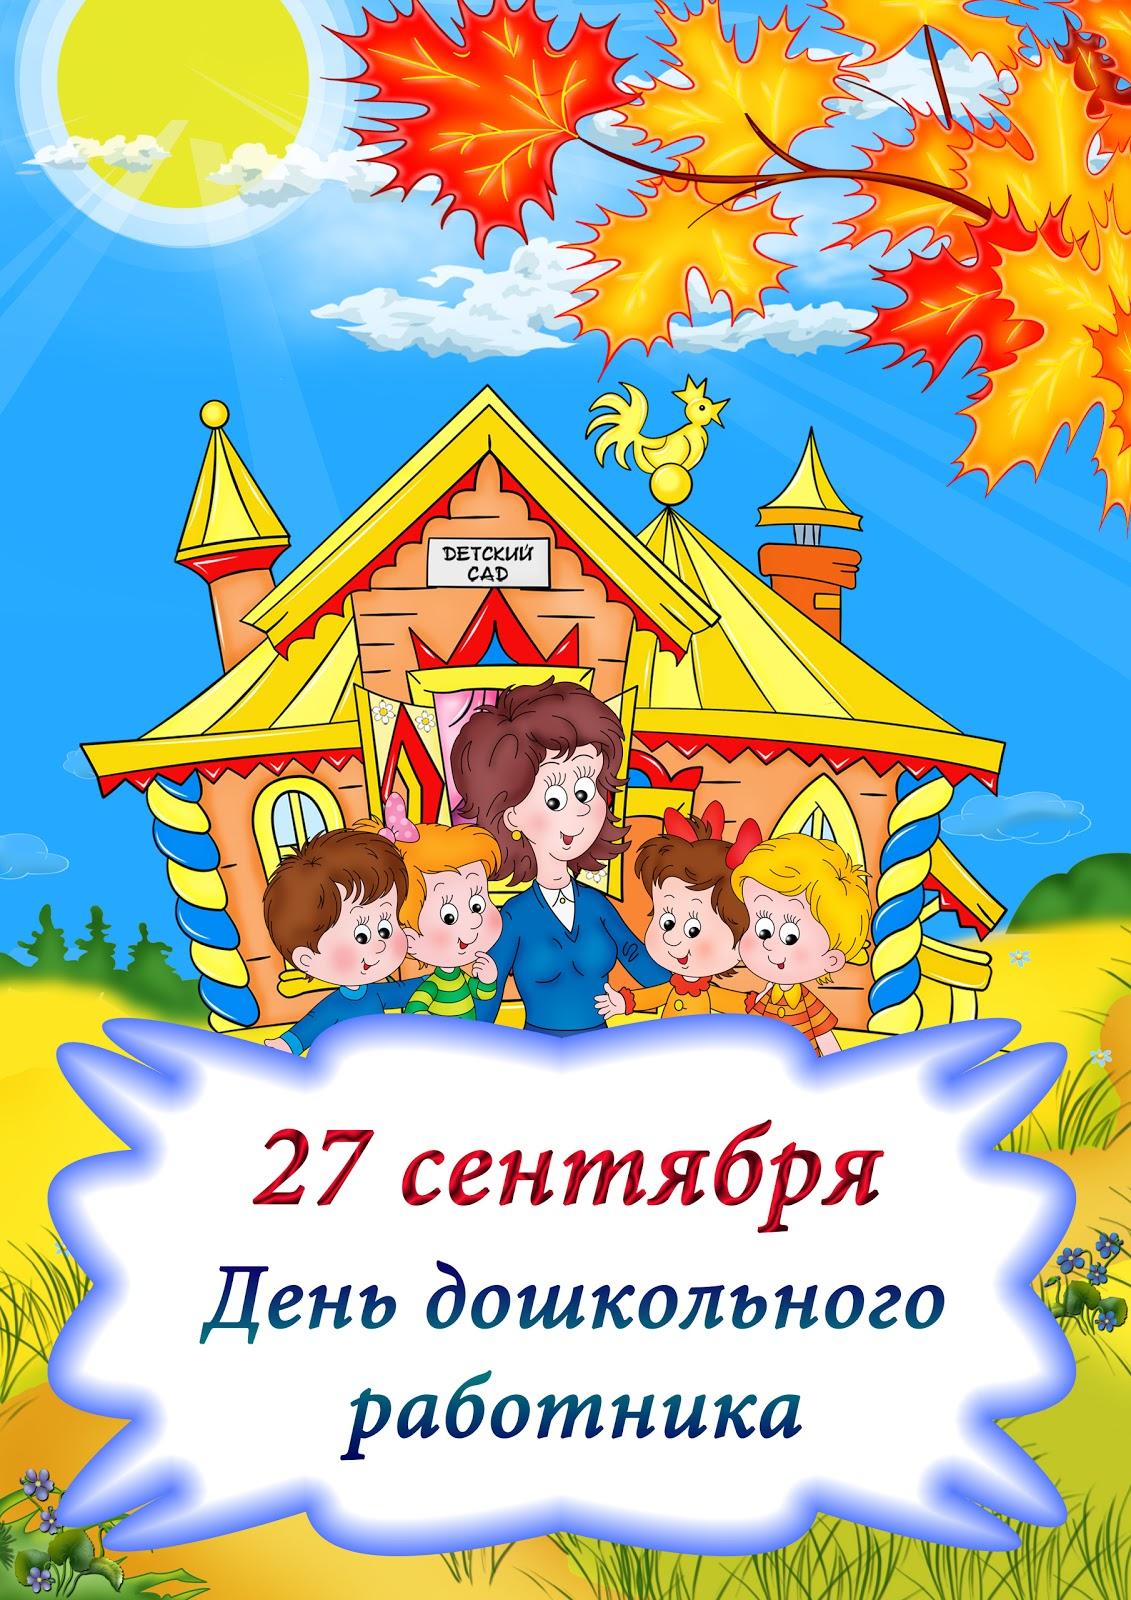 Поздравления с дне дошкольного работника